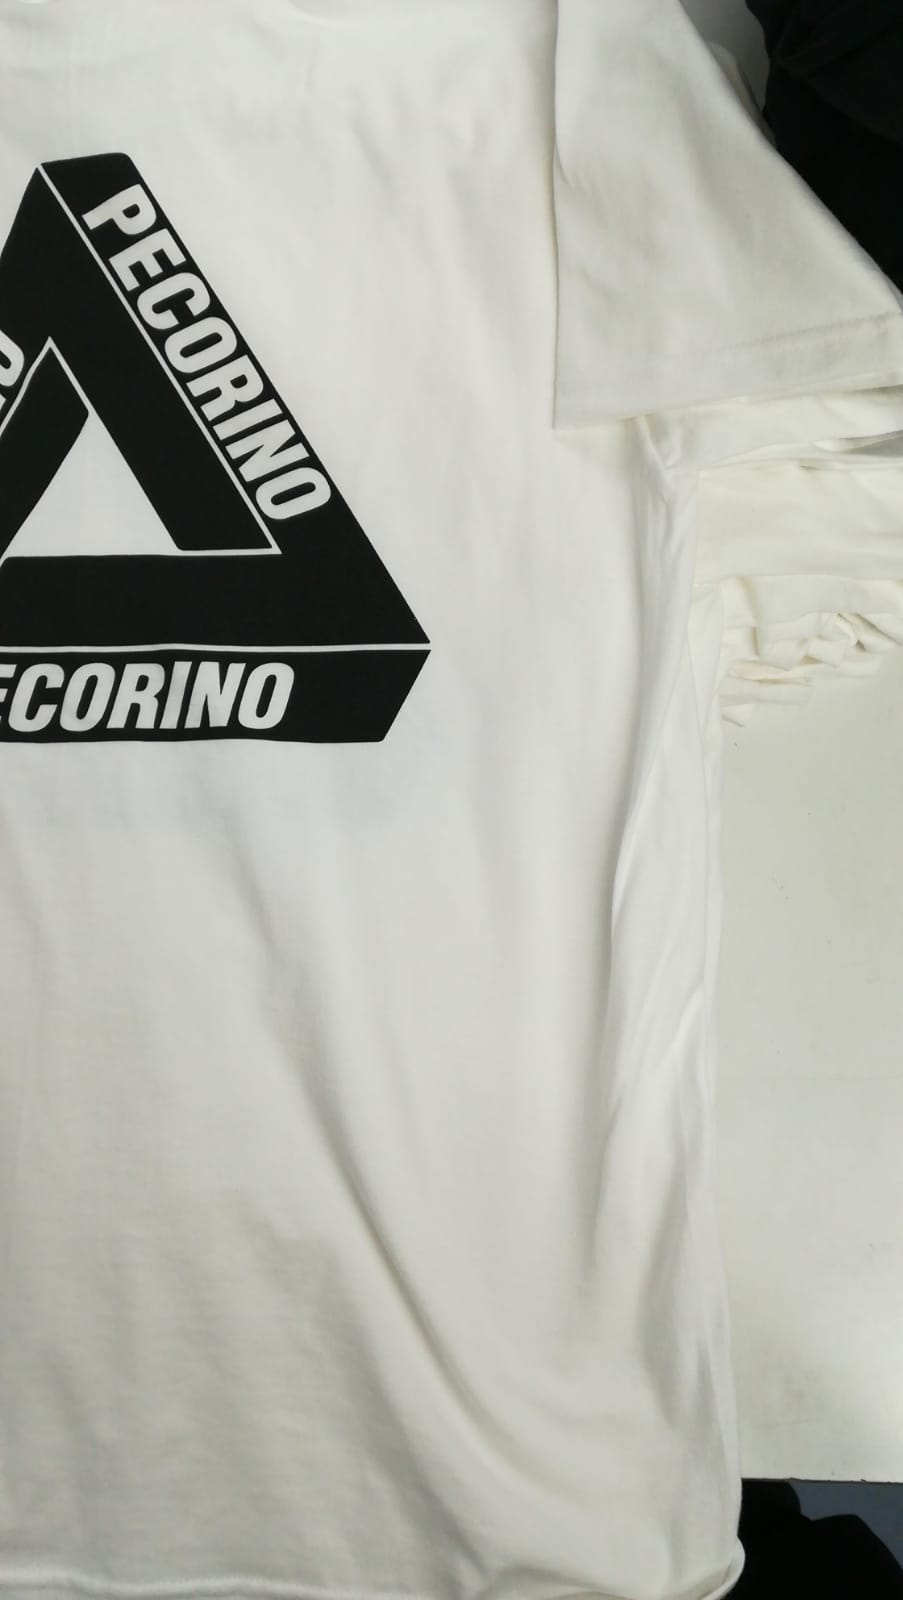 Pecorino T Shirt